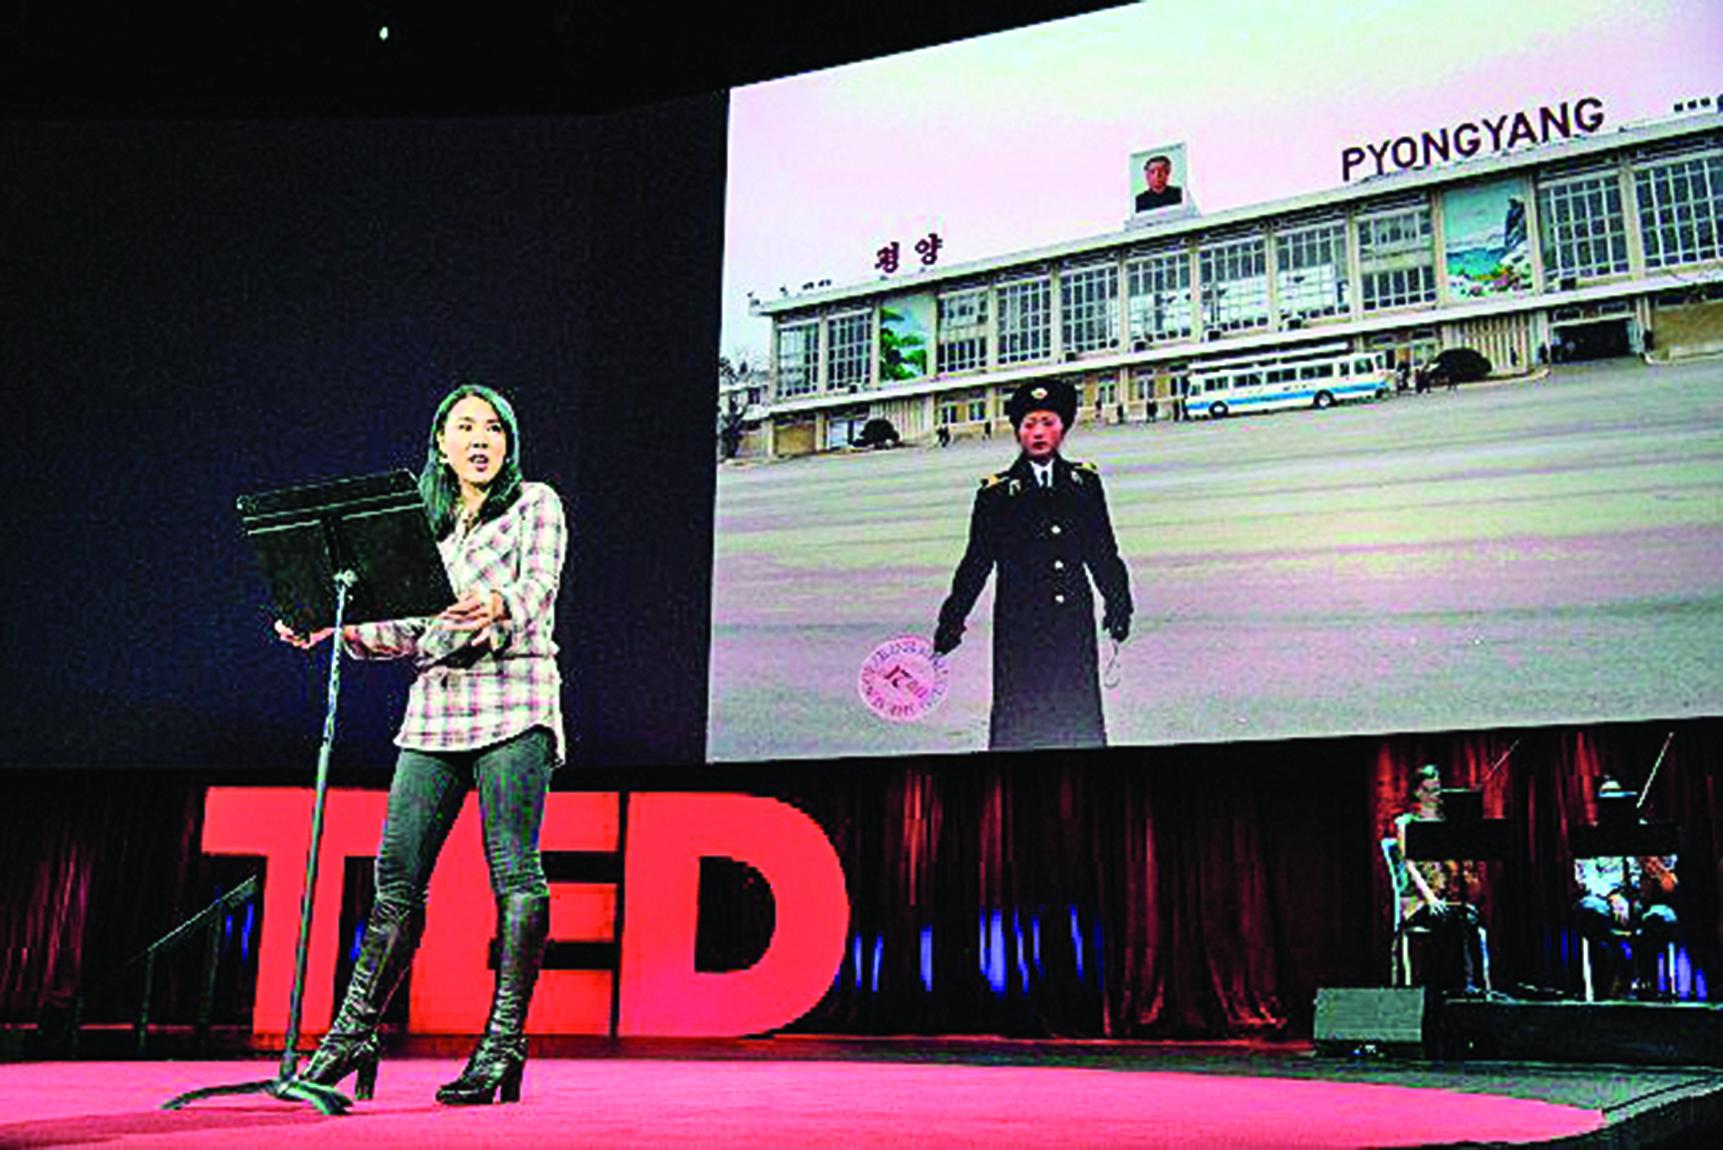 美籍韓裔女作家金素姬2015年在TED會上講述自己的北韓經歷。(TED)